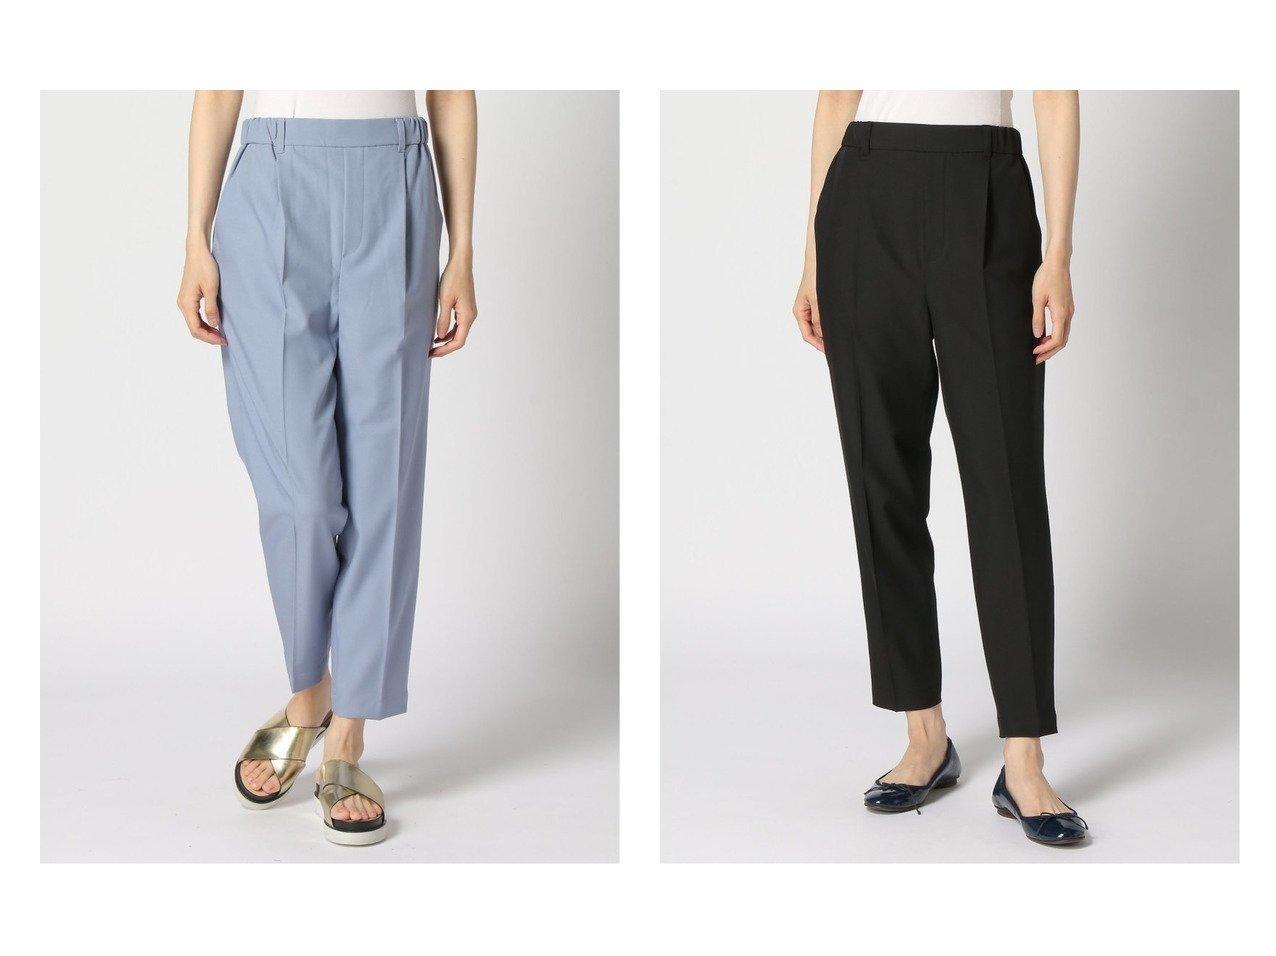 【LEPSIM LOWRYS FARM/レプシィム ローリーズファーム】のビキャクサマーTP 【プチプライス・低価格】おすすめ!人気トレンド・レディースファッション通販 おすすめで人気の流行・トレンド、ファッションの通販商品 インテリア・家具・メンズファッション・キッズファッション・レディースファッション・服の通販 founy(ファニー) https://founy.com/ ファッション Fashion レディースファッション WOMEN パンツ Pants NEW・新作・新着・新入荷 New Arrivals ジーンズ |ID:crp329100000053999